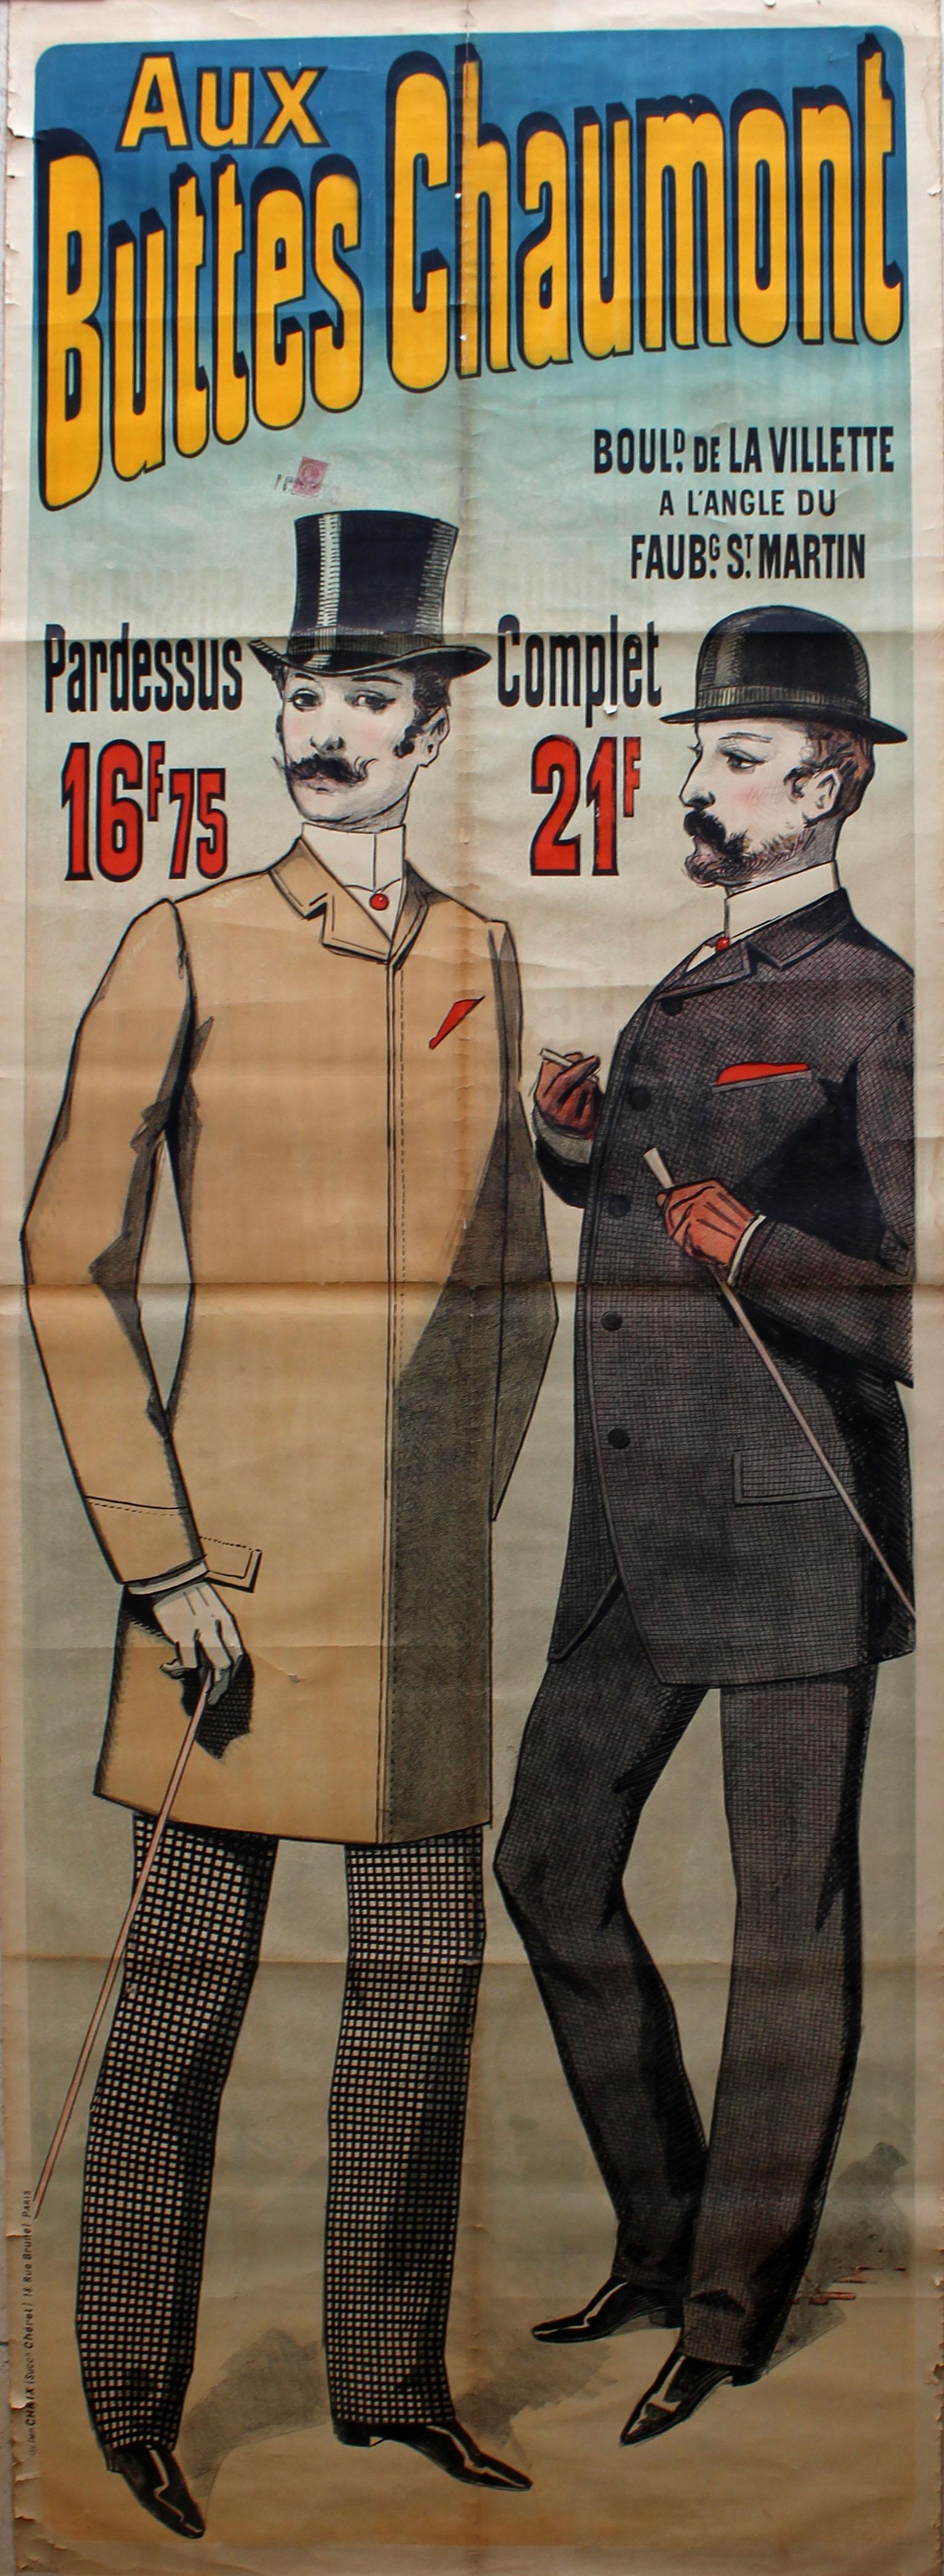 Lot 1018 - Advertising Poster Aux Buttes Chaumont Paris Cheret